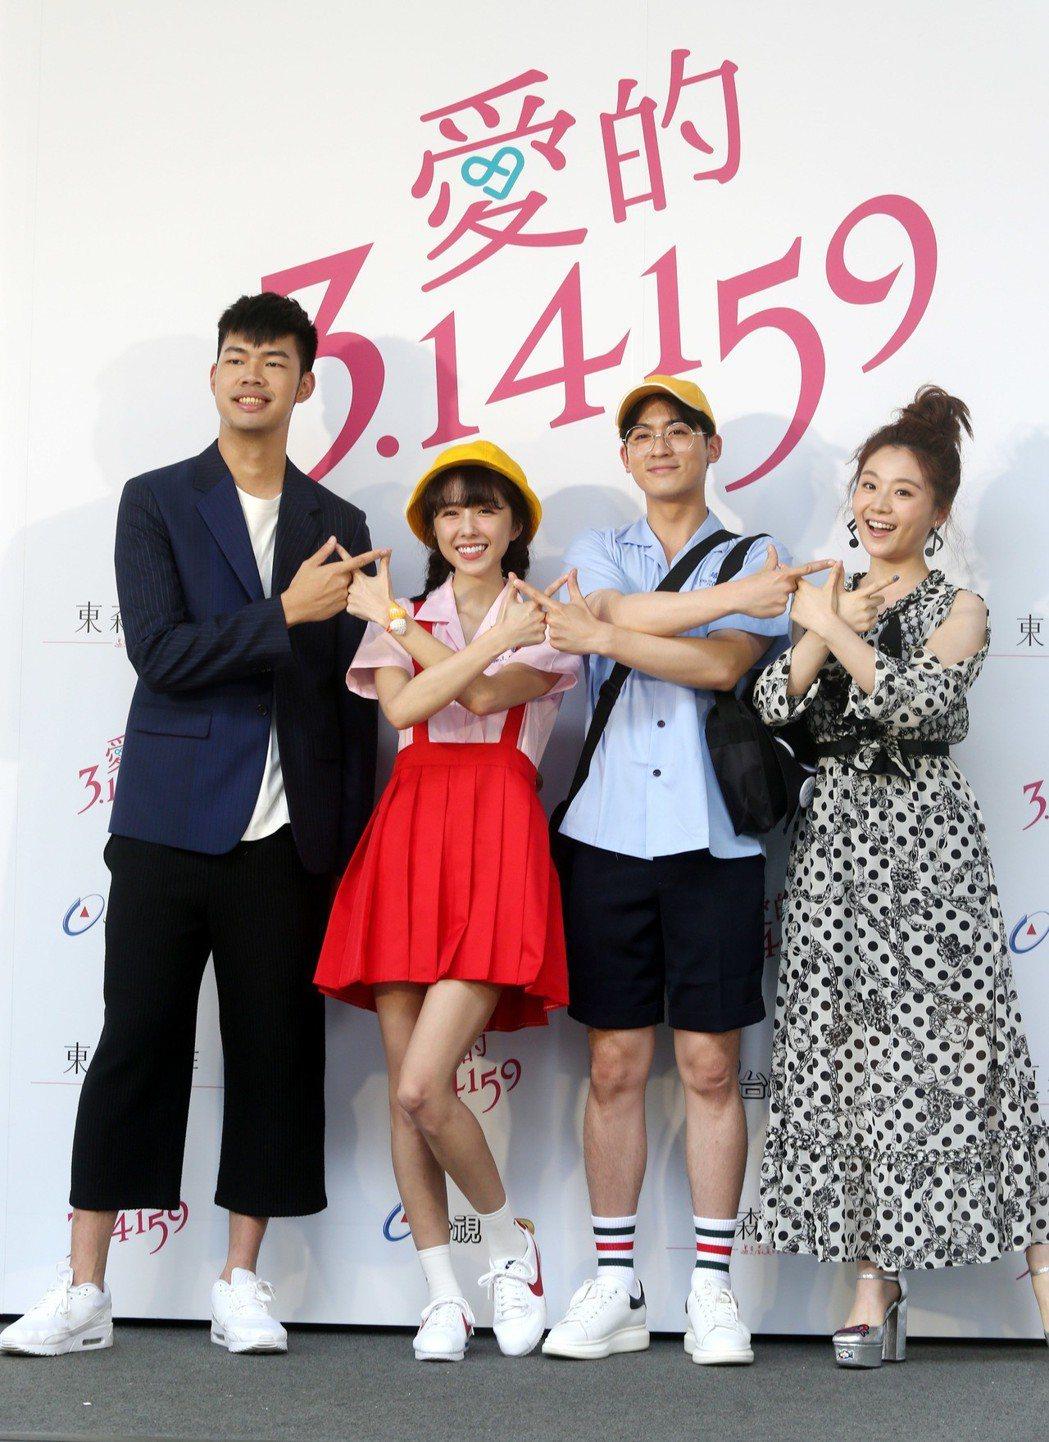 東森新戲「愛的3.14159」舉行開鏡儀式,演員陳大天(左起)、邵雨薇、吳思賢、...